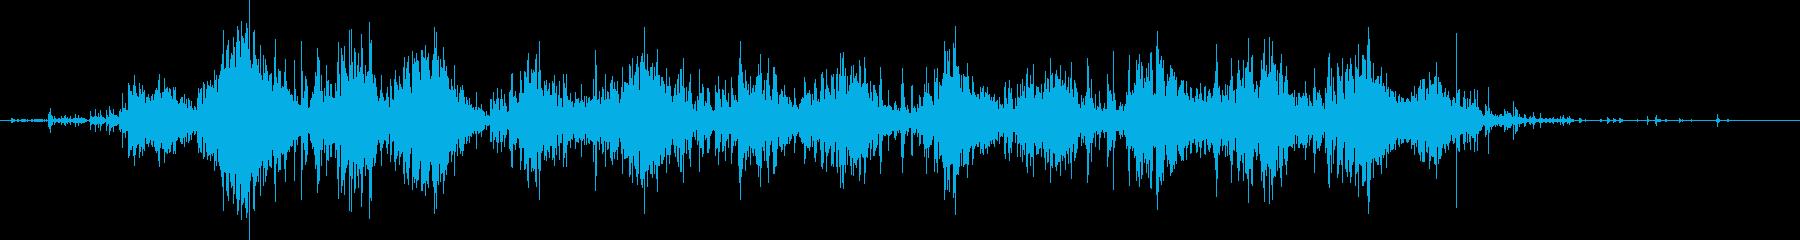 薬、錠剤をビンから出す効果音 03の再生済みの波形